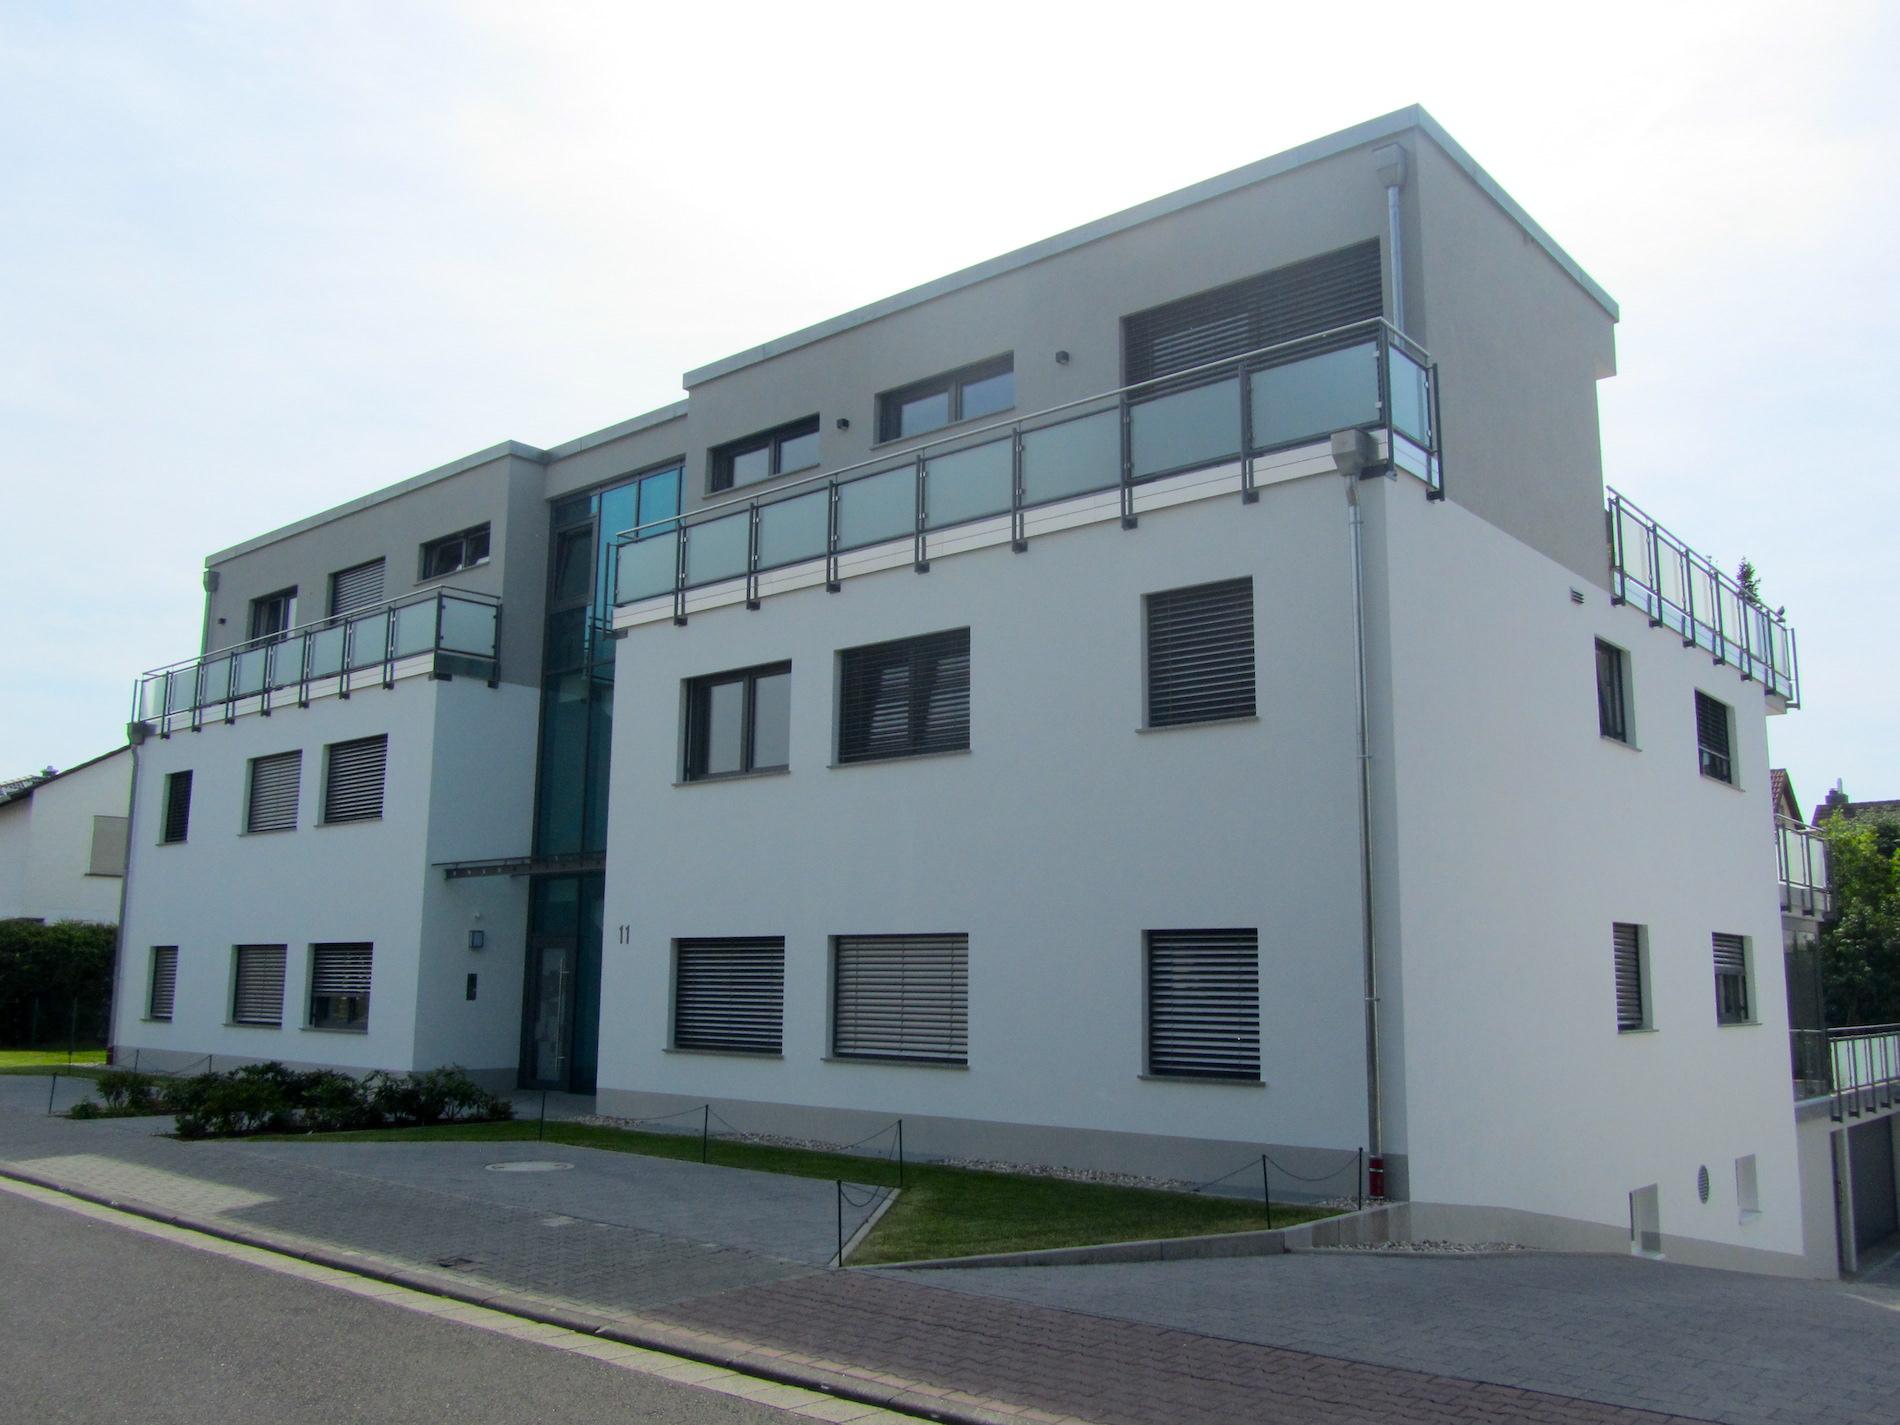 5-Familienhaus in Liederbach_Taunus